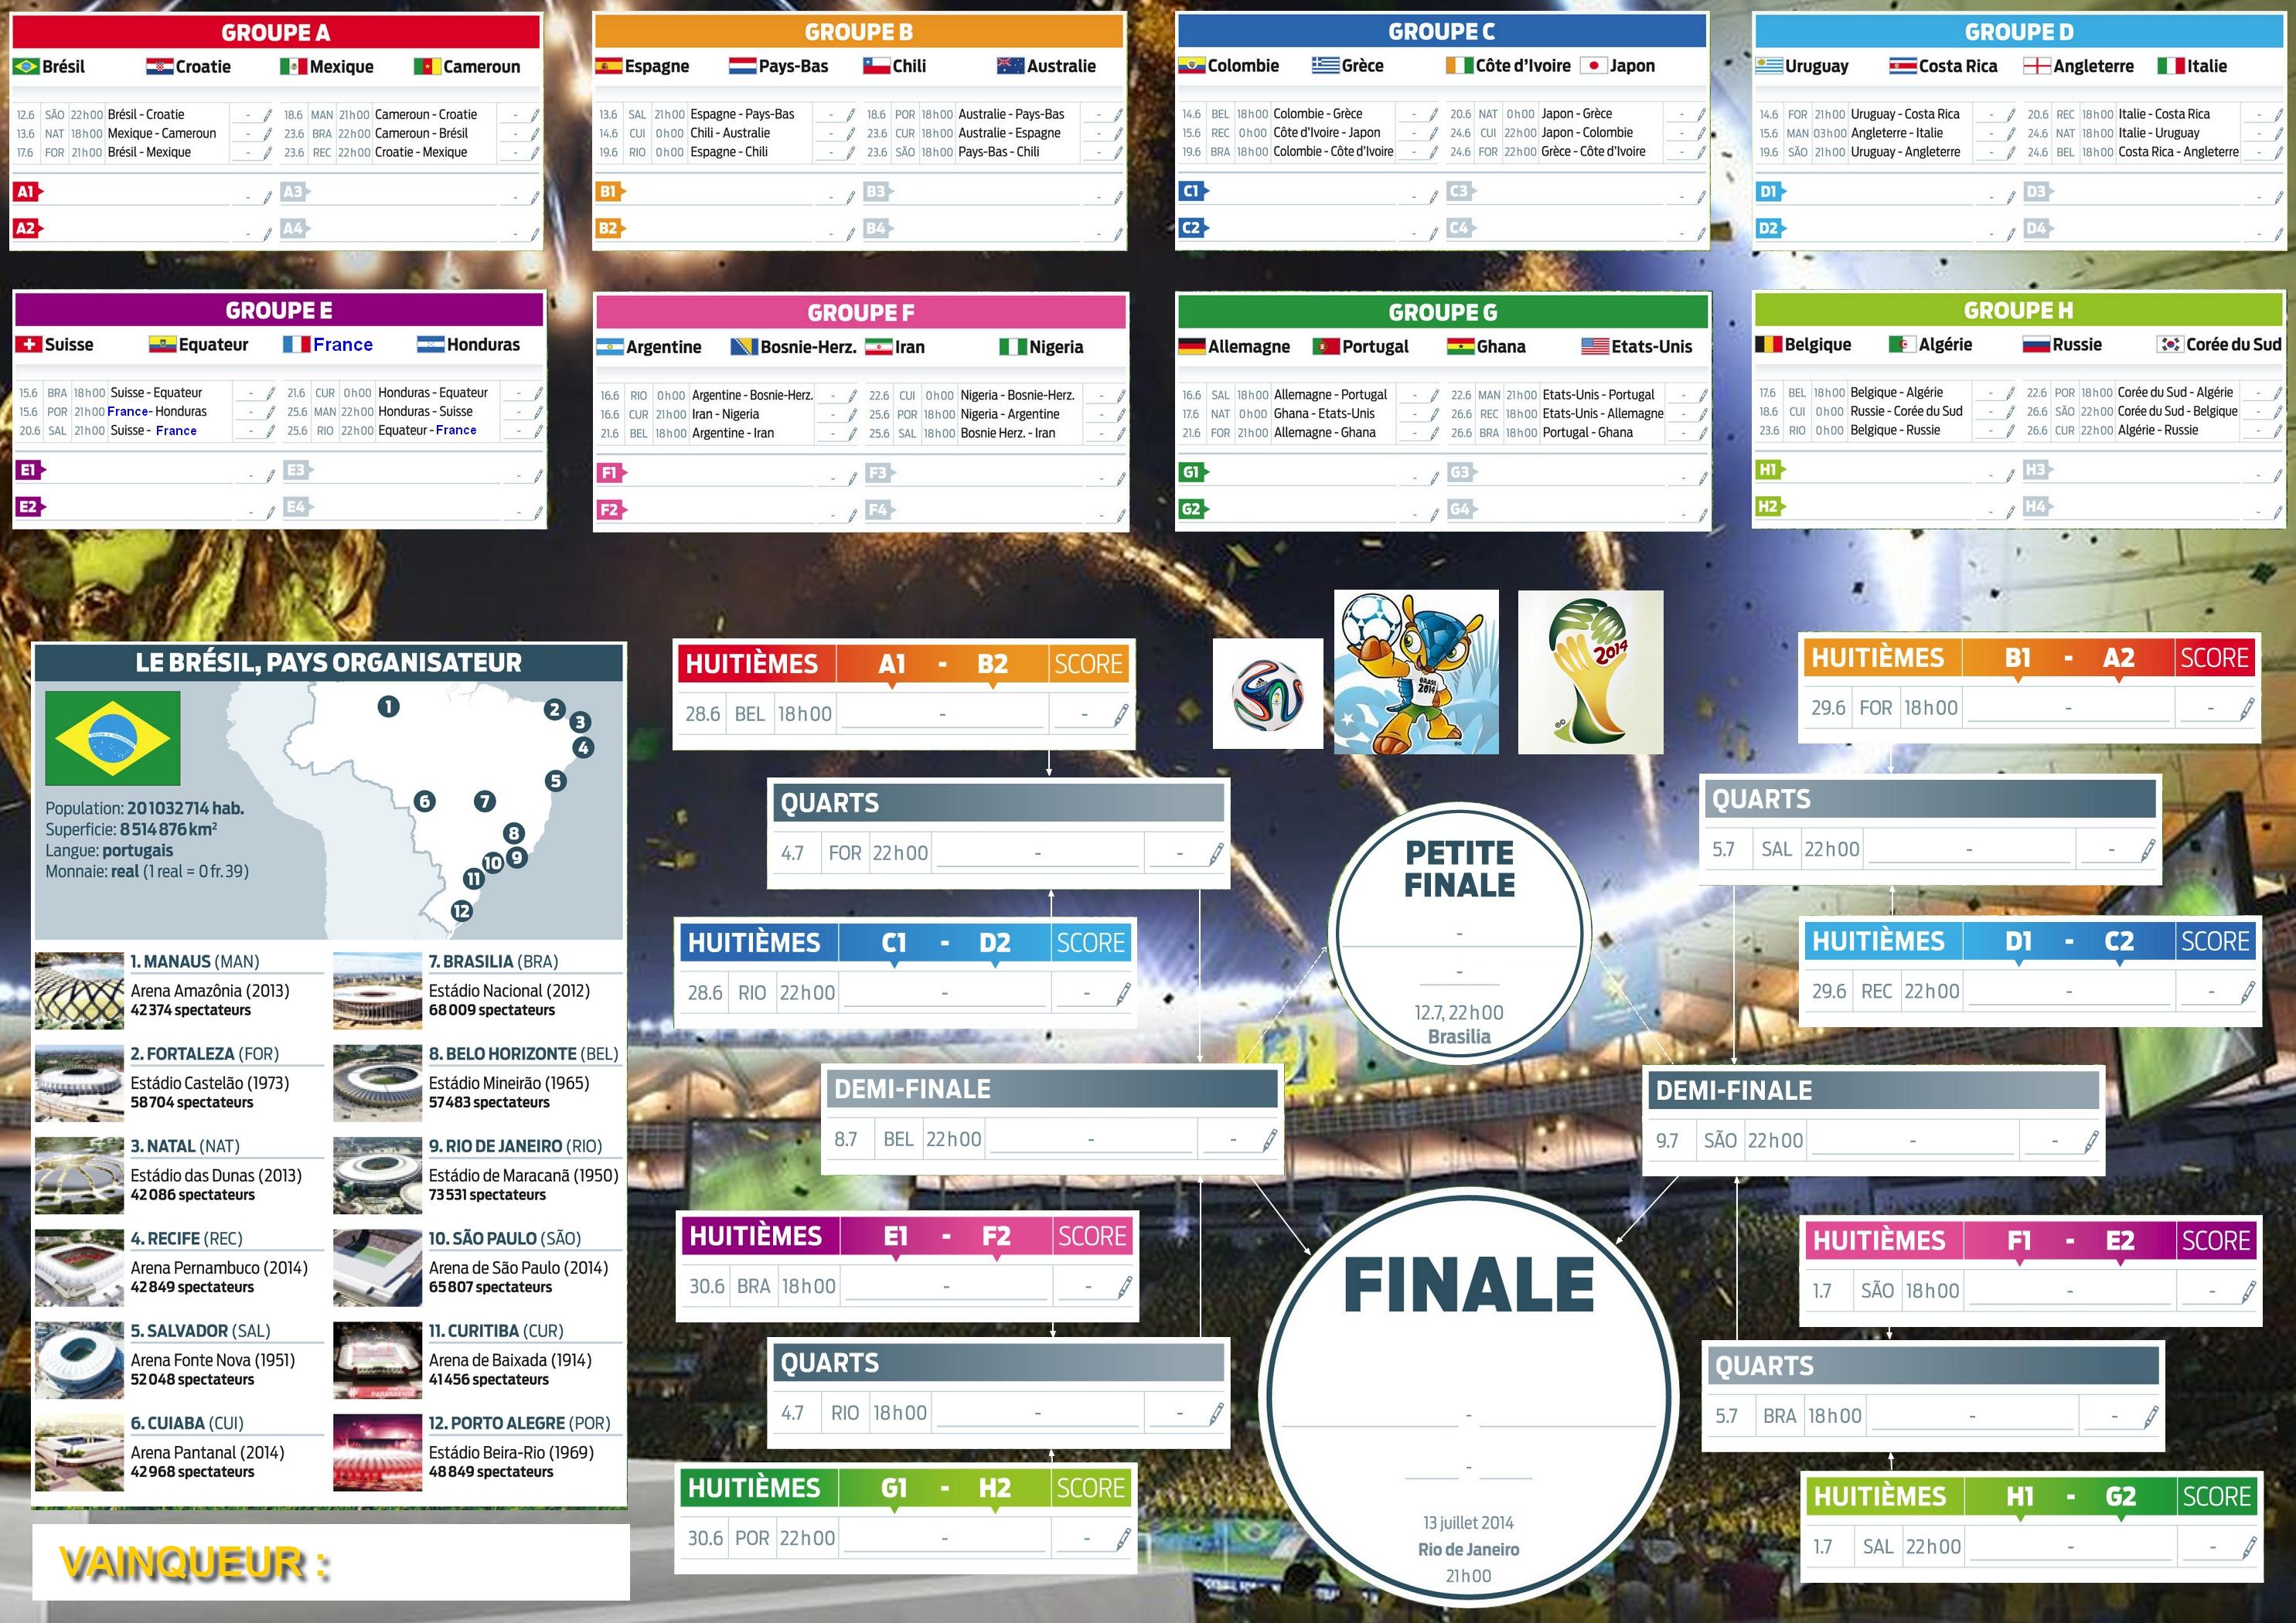 Calendrier Coupe Du Monde A Remplir.Ou Trouver Le Calendrier Cdm A Remplir Sur Le Forum Football